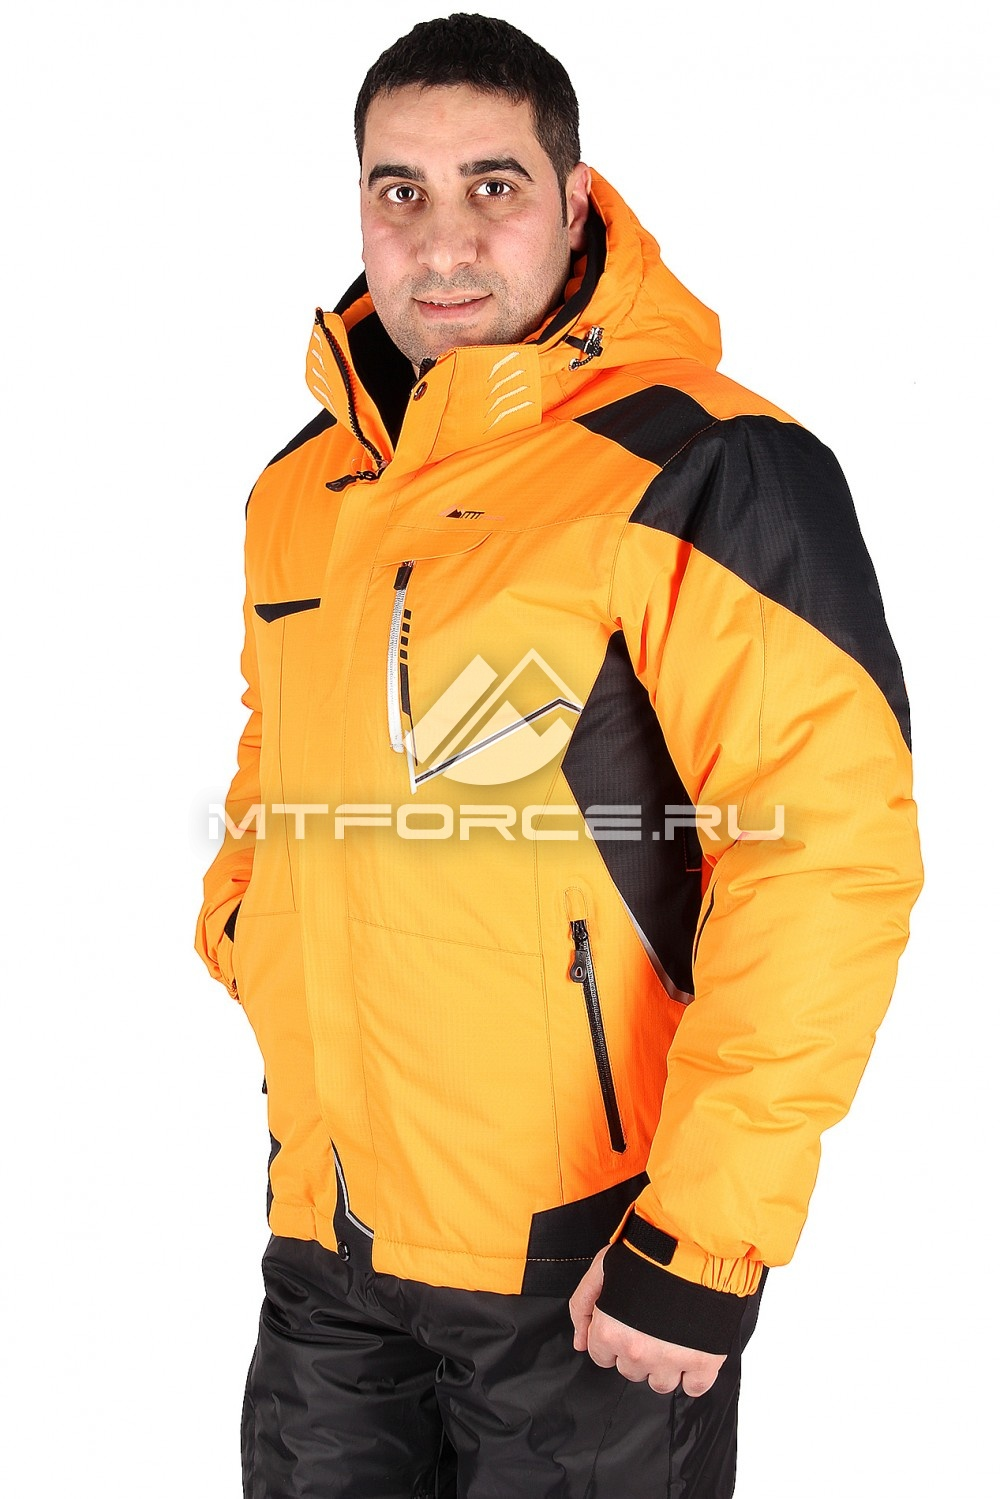 Купить                                  оптом Куртка горнолыжная мужская оранжевого цвета 1553O